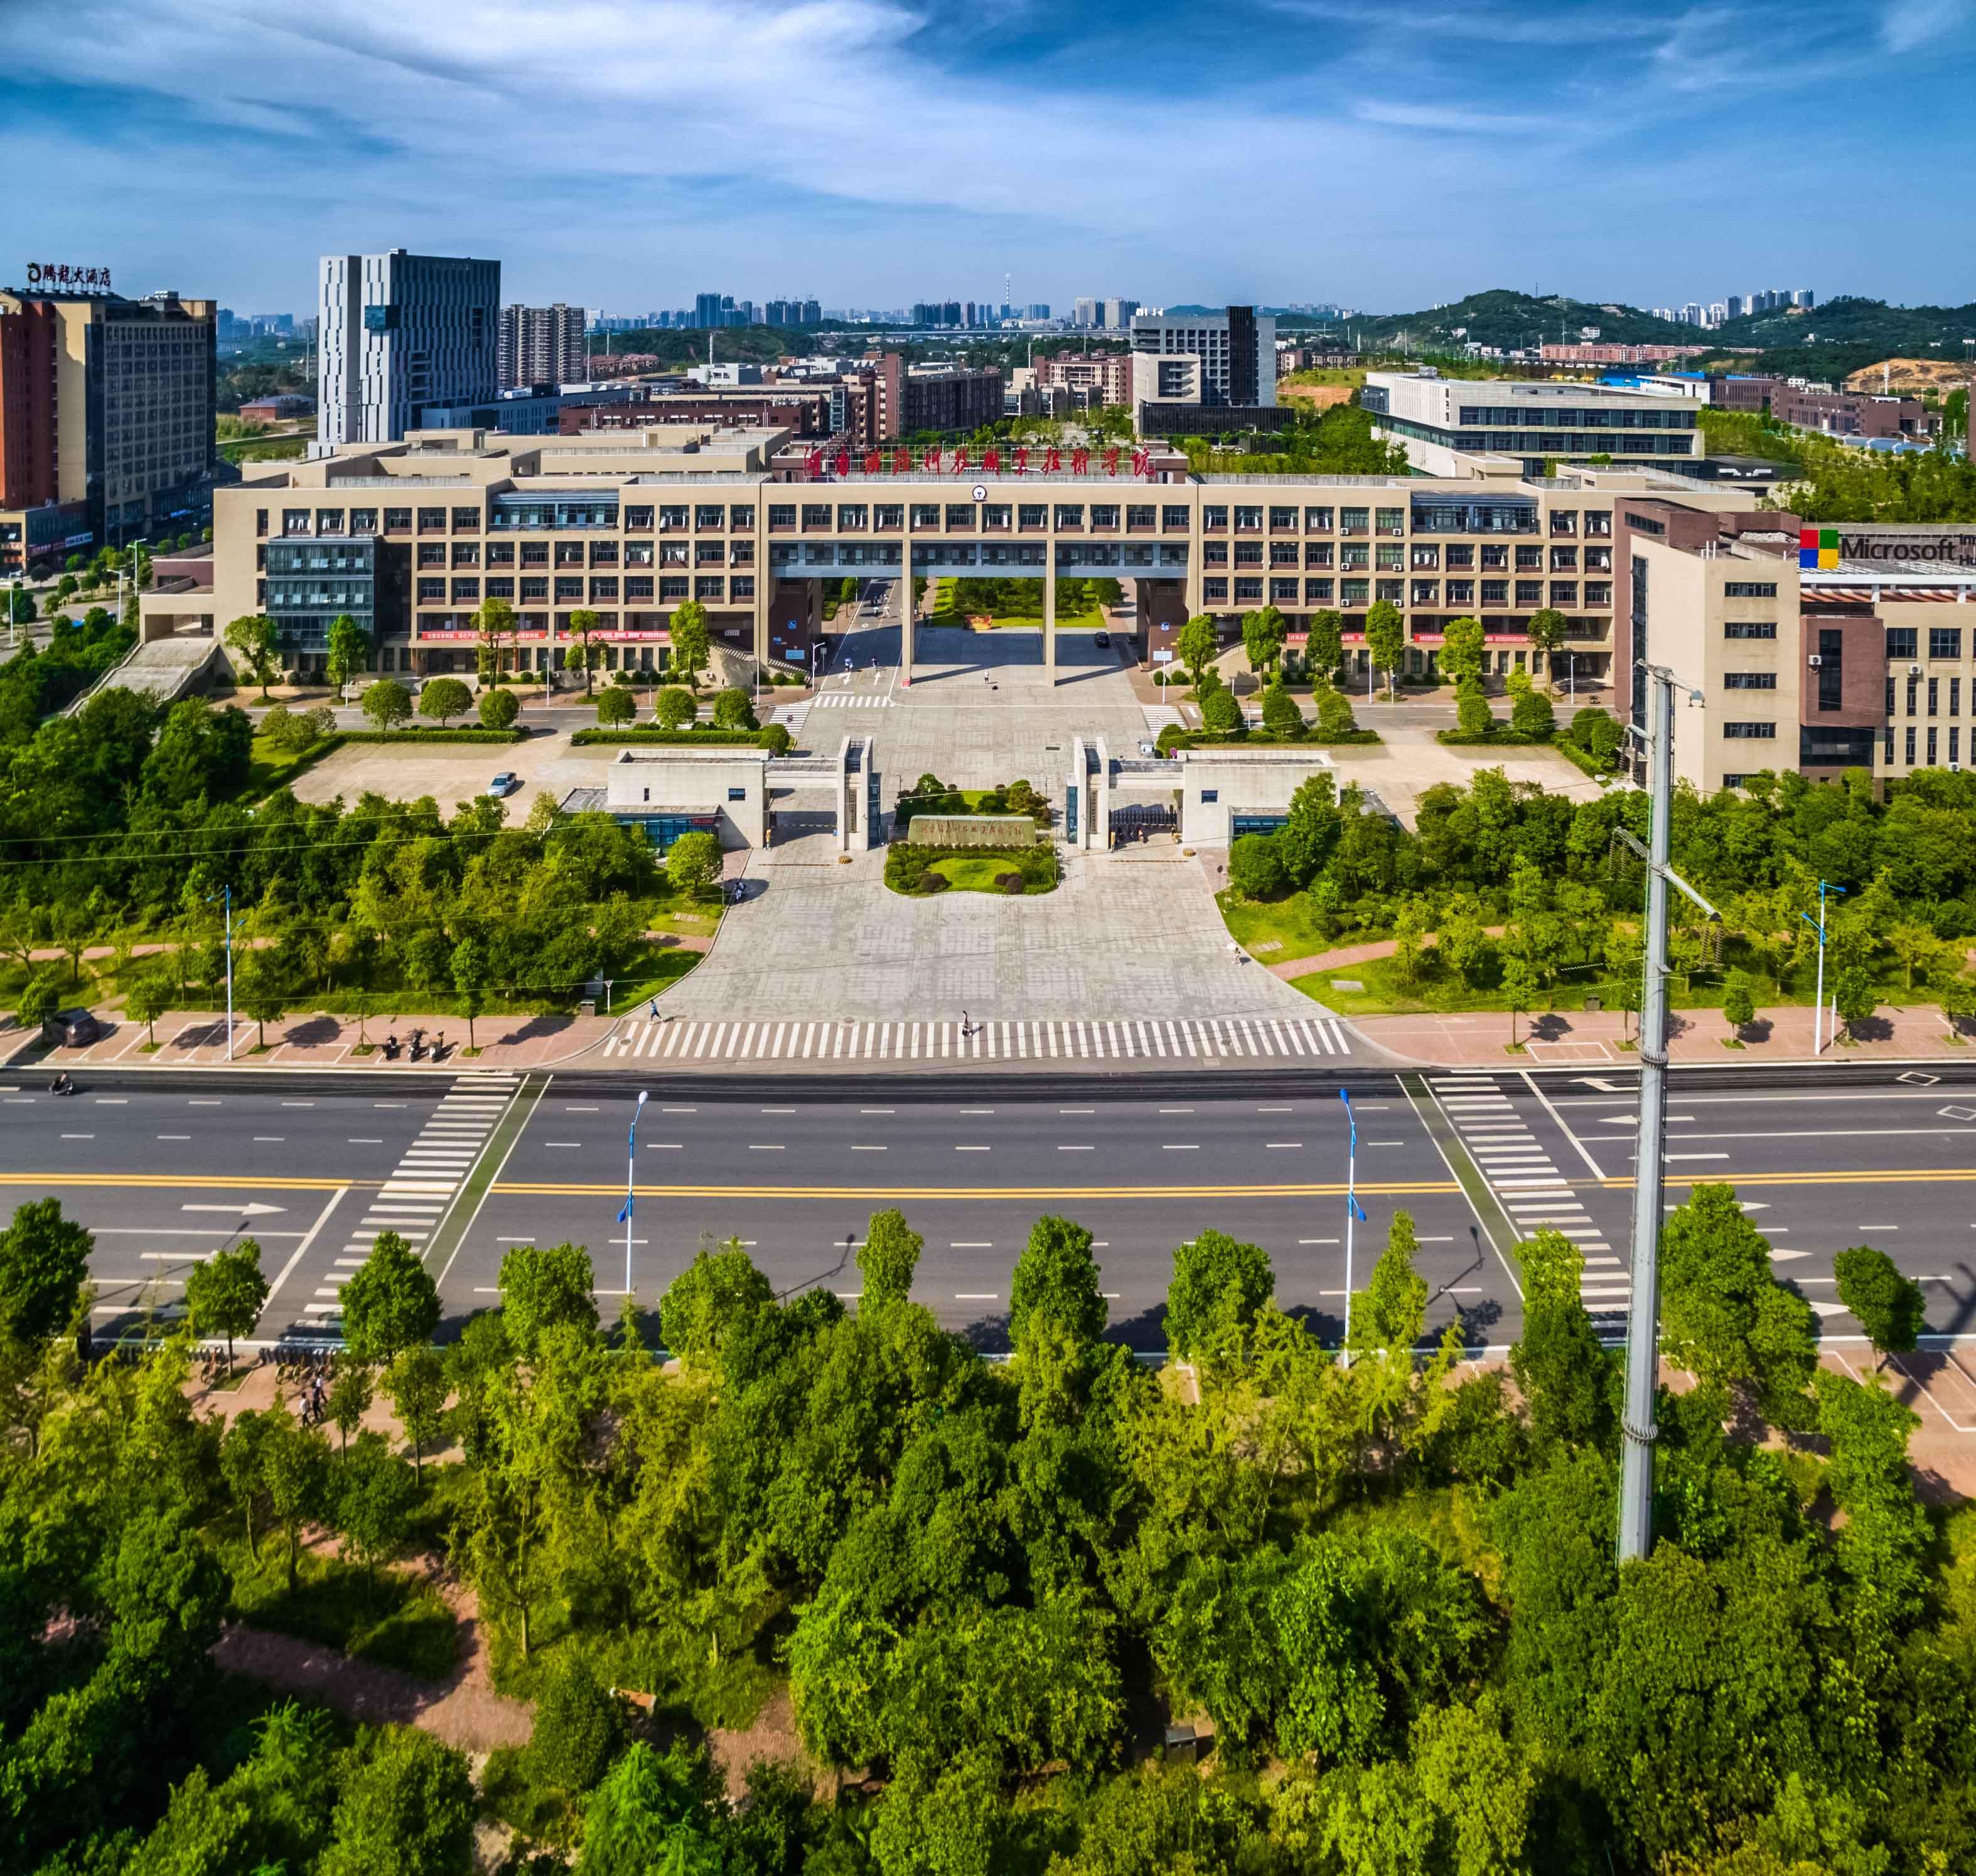 铁路专业院校有哪些_口碑好的-湖南铁路科技职业技术学院